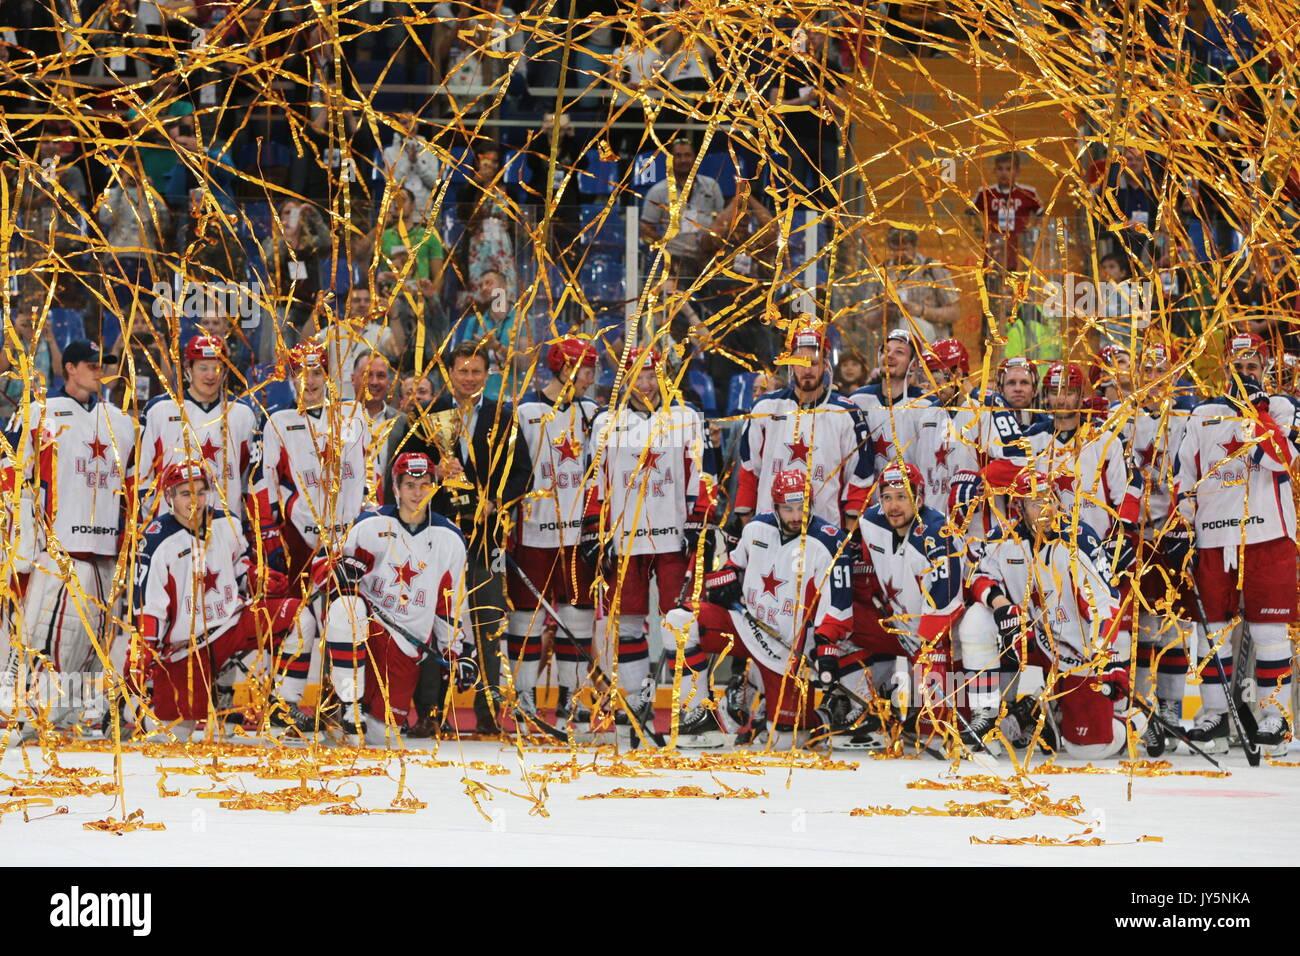 Moscú, Rusia. 18 Aug, 2017. Nikolai Gulyayev (C), el jefe del Gobierno de Moscú, Deporte y Turismo del Departamento, y los jugadores del CSKA Moscú, ganadores del 2017 el alcalde de Moscú's Cup de Hockey sobre hielo, durante una ceremonia de entrega de premios en el Megasport Arena. Crédito: Sergei Bobylev/TASS/Alamy Live News Imagen De Stock